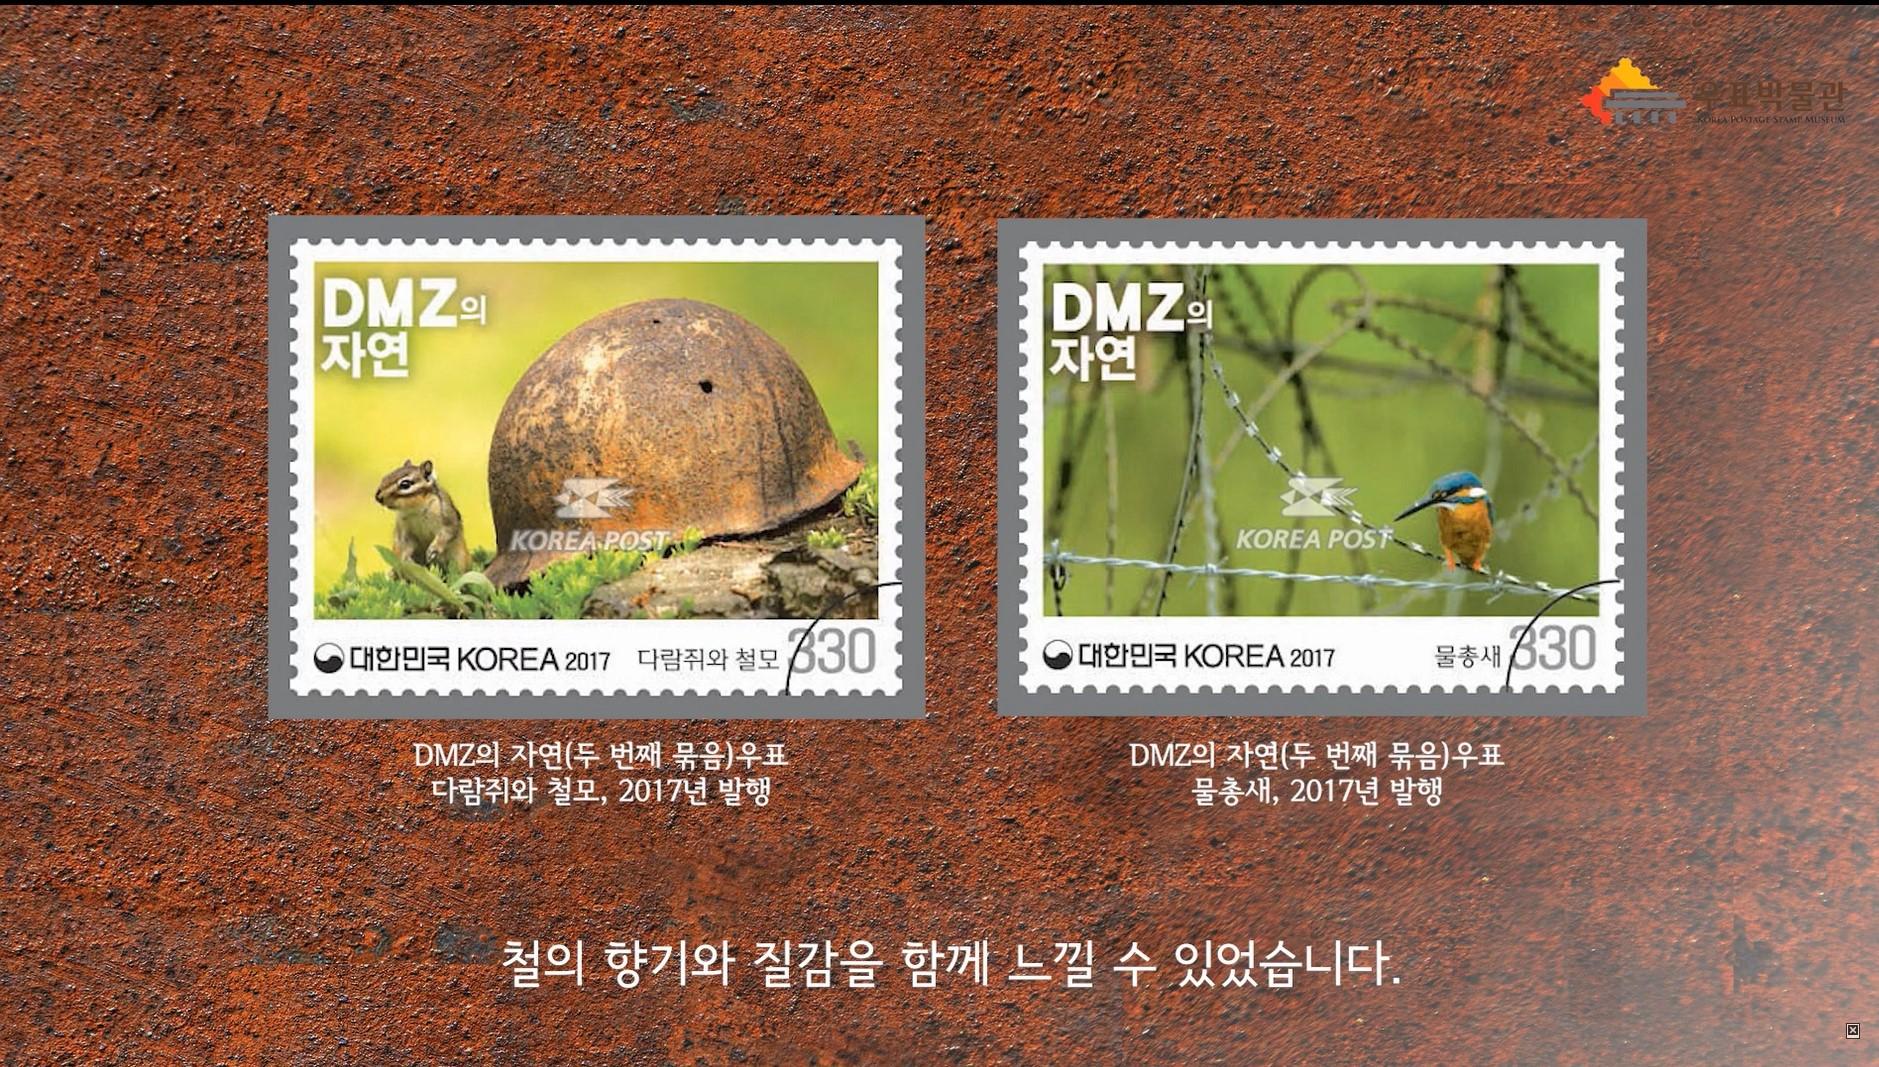 DMZ의 자연 / KOREA POST / 대한민국 KOREA 2017 다람쥐와 철모 330 / DMZ의 자연(두 번째 묶음)우표 다람쥐와 철모, 2017년 발행 / DMZ의 자연 / KOREA POST / 대한민국 KOREA 2017 물총새 330 / DMZ의 자연(두 번째 묶음)우표 물총새, 2017년 발행 / 철의 향기와 질감을 함께 느낄 수 있었습니다.